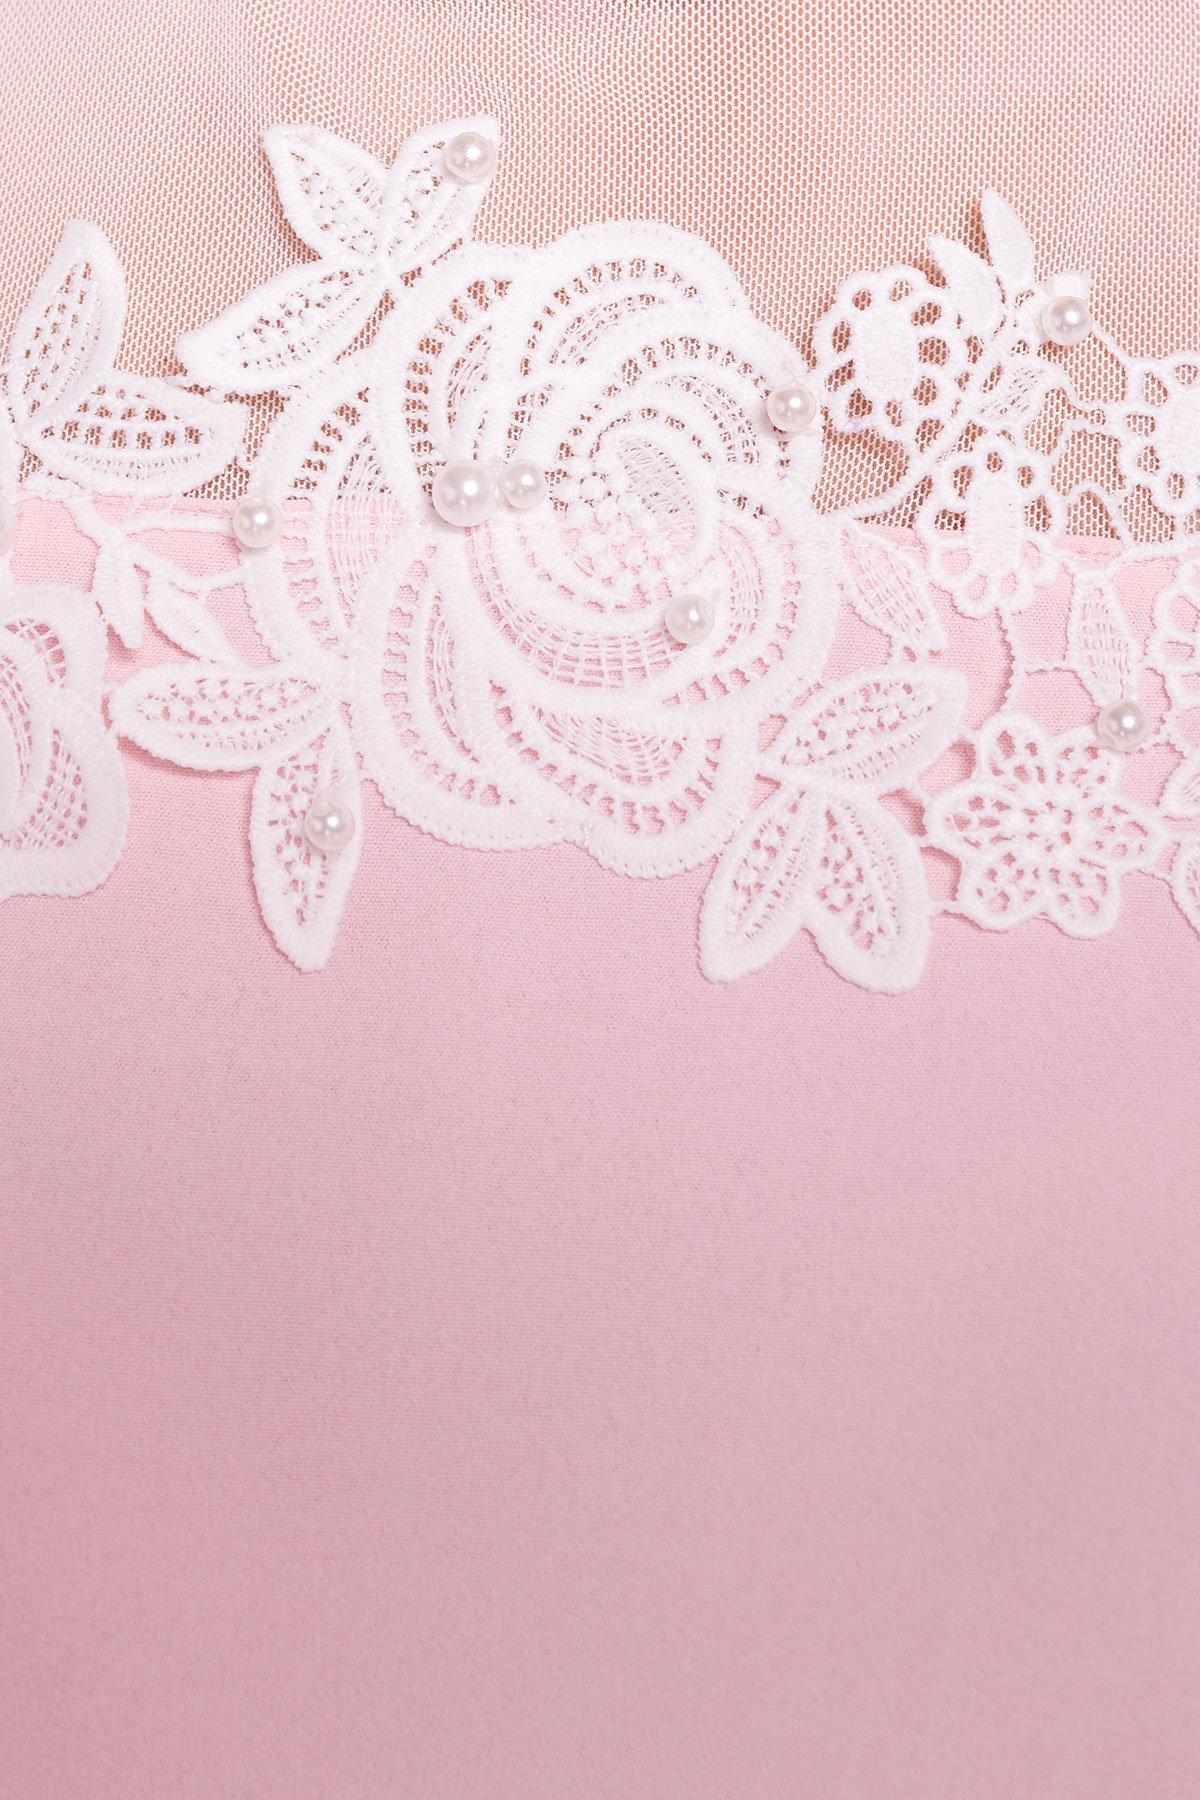 Летняя блуза без рукавов Нелли 4918 АРТ. 34792 Цвет: Розовый Светлый - фото 4, интернет магазин tm-modus.ru